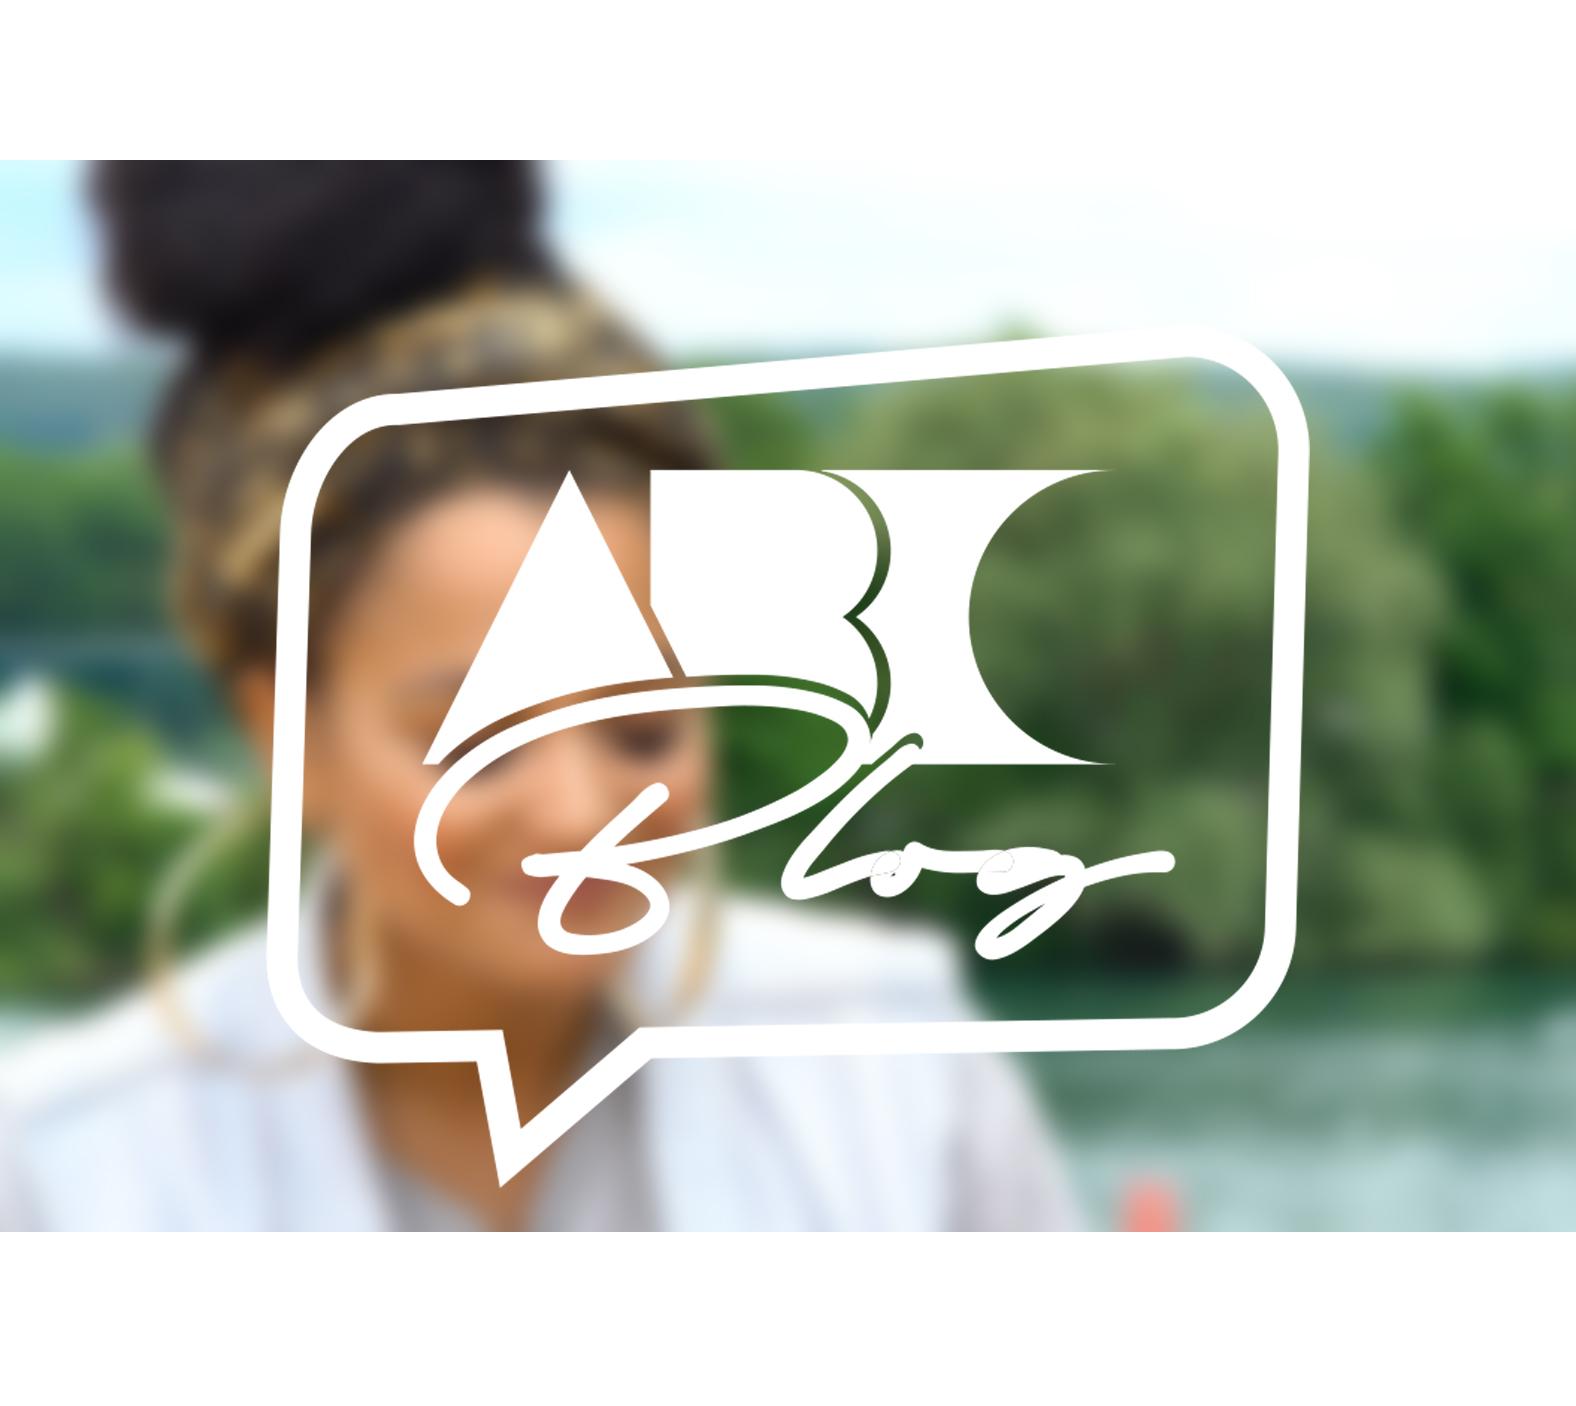 Who is it? Der neue Vlog geht morgen um 21 Uhr online